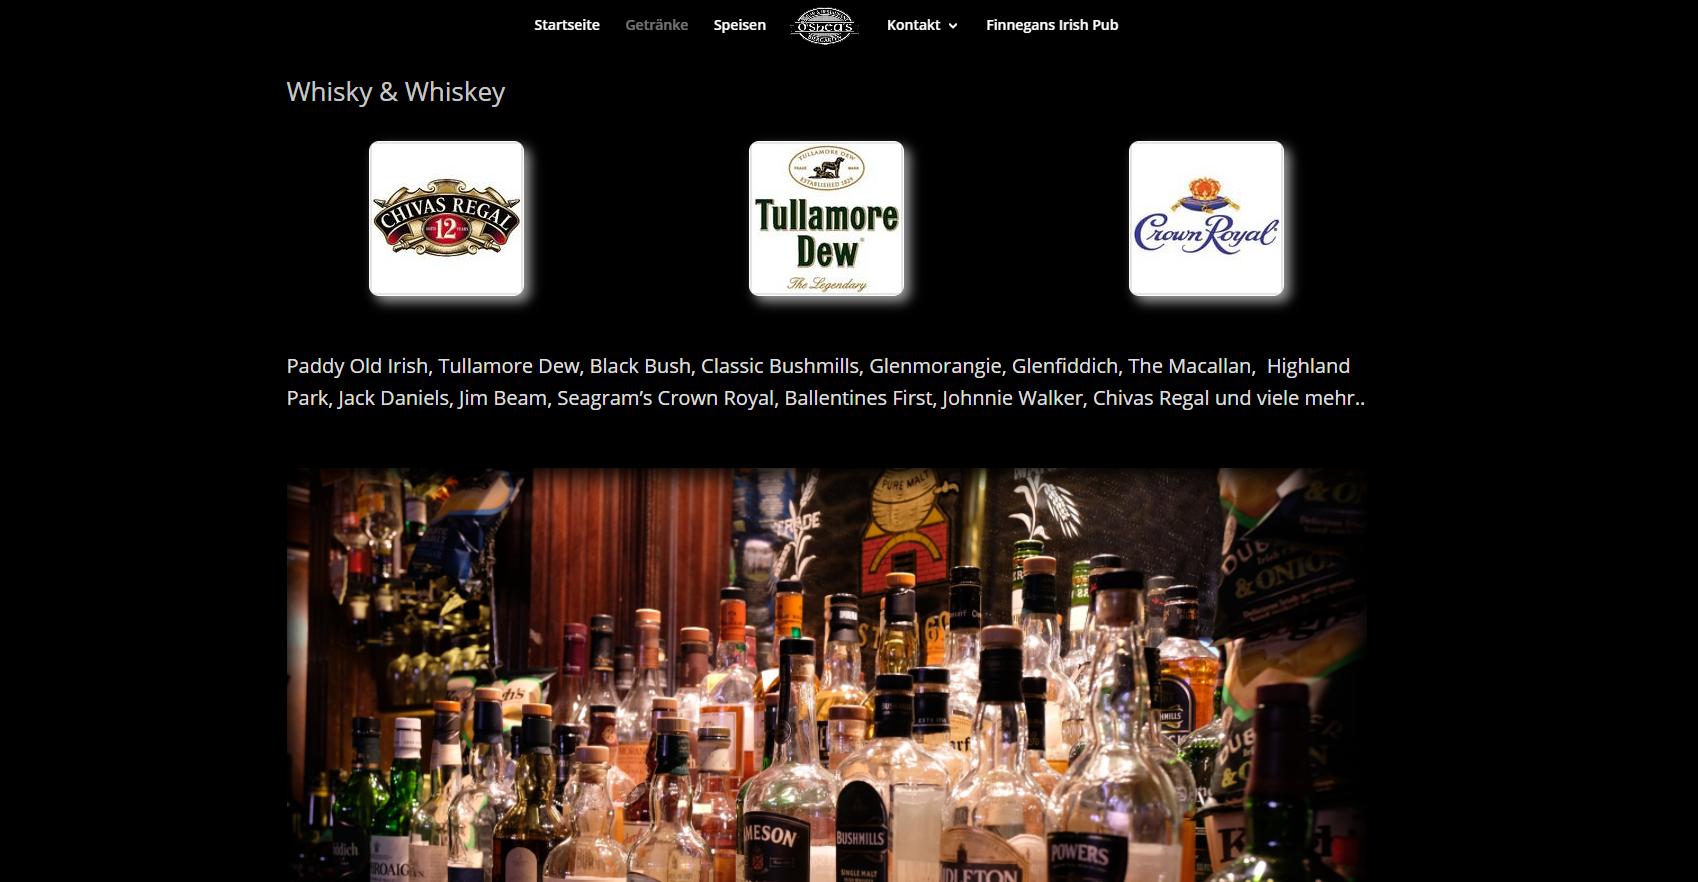 O\'Sheas Irish Pub - Homepage Bayern-online